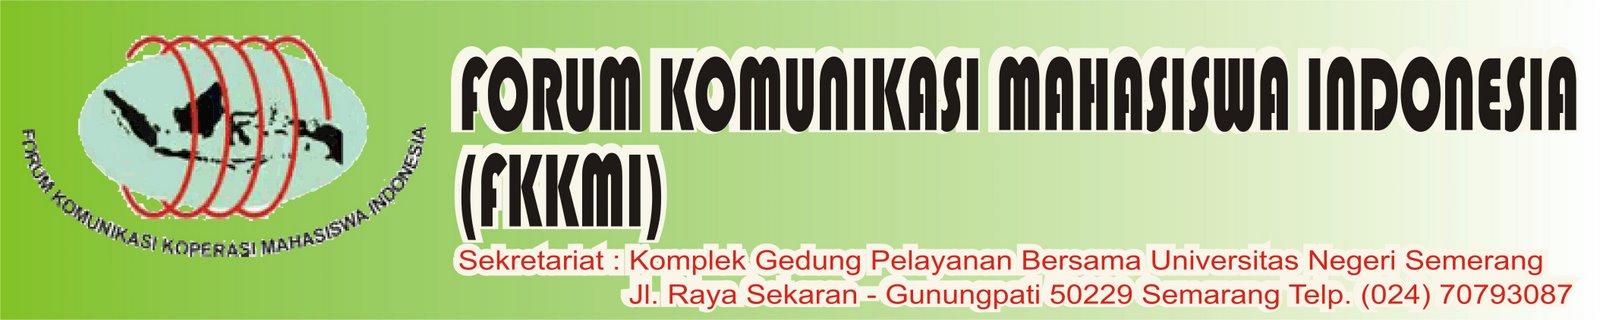 FORUM KOMUNIKASI KOPERASI MAHASISWA INDONESIA